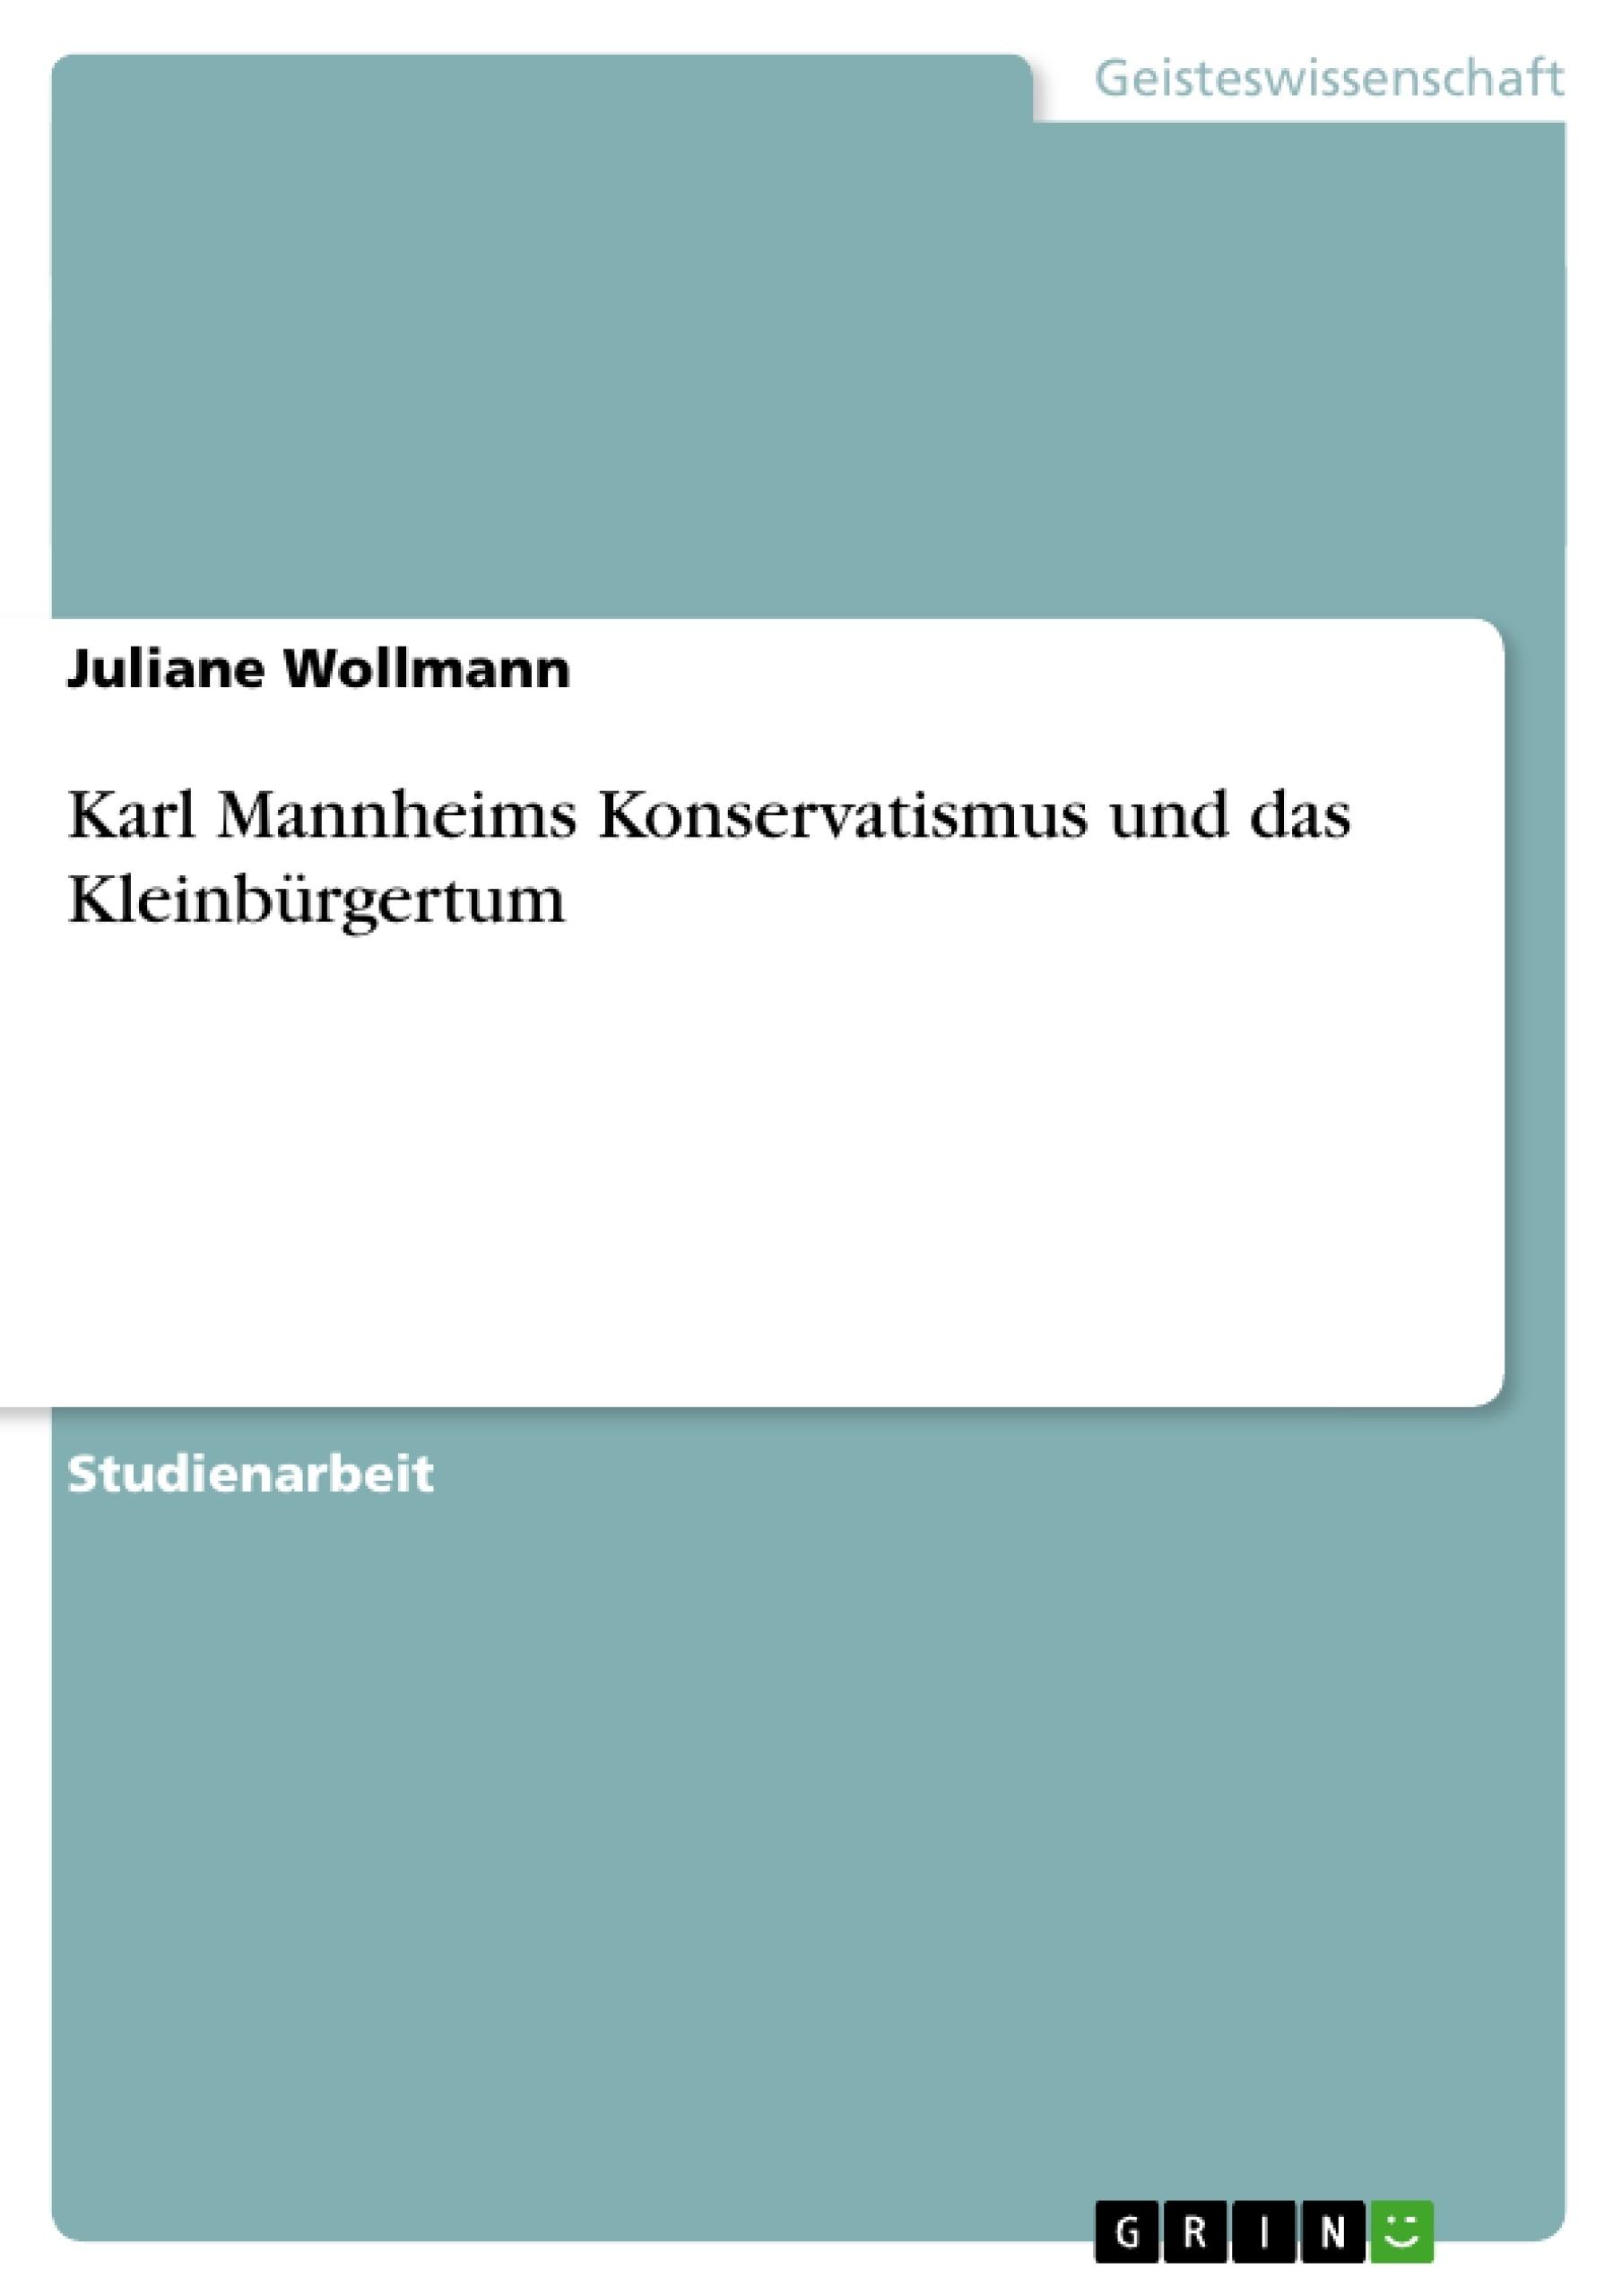 Titel: Karl Mannheims Konservatismus und das Kleinbürgertum